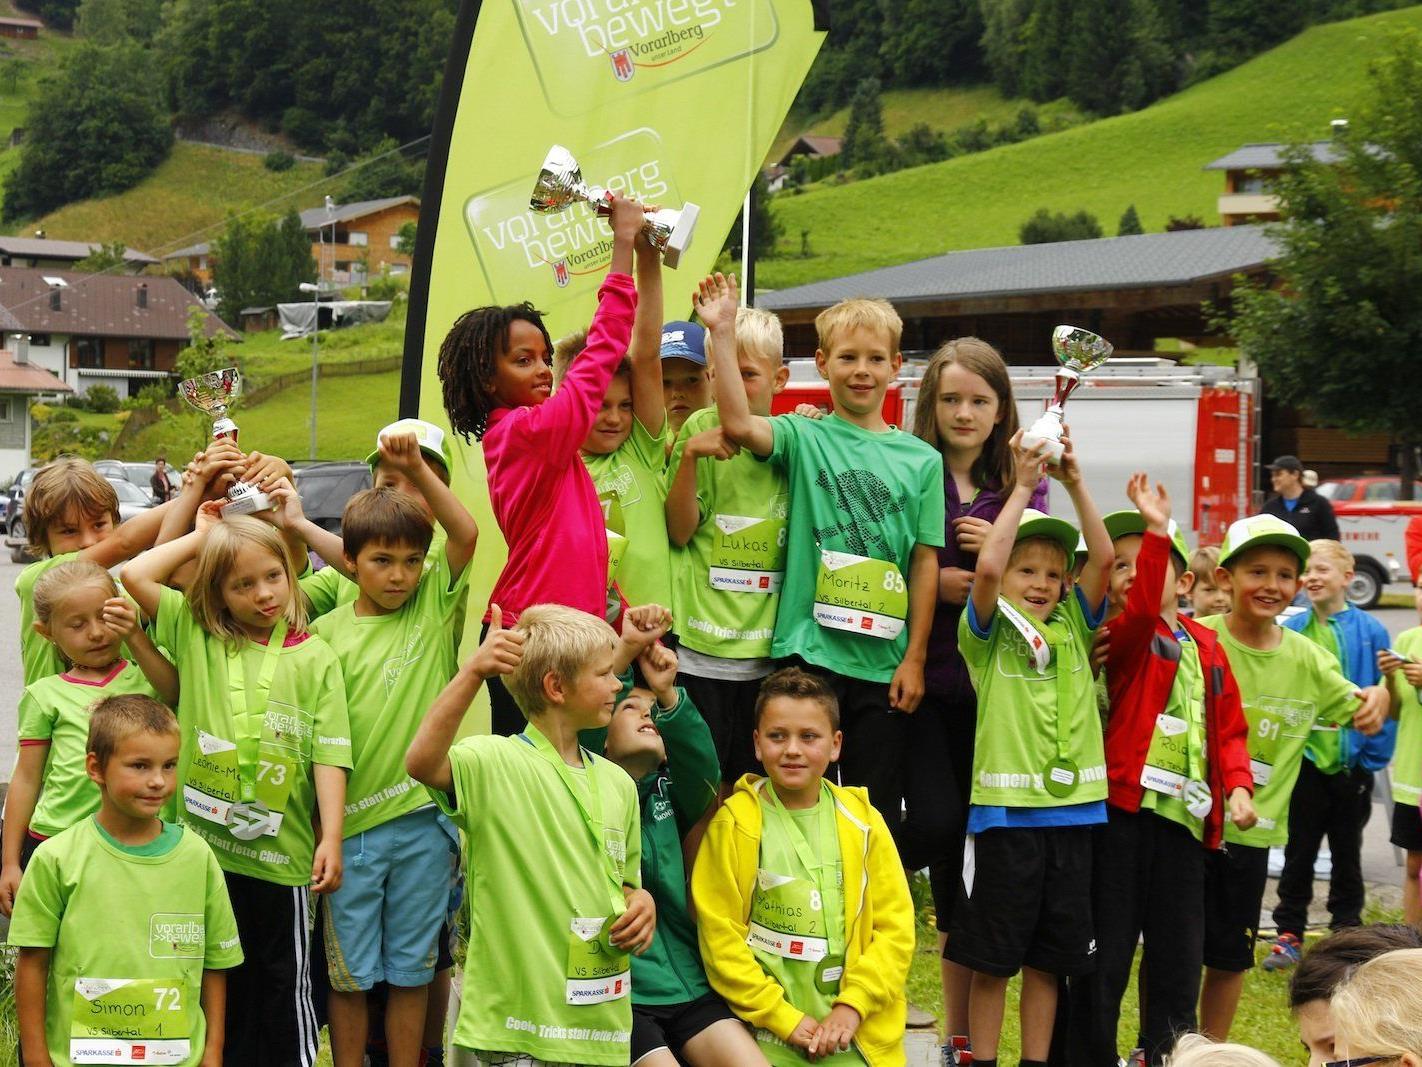 Glückliche Gesichter bei der Siegerehrung des School run